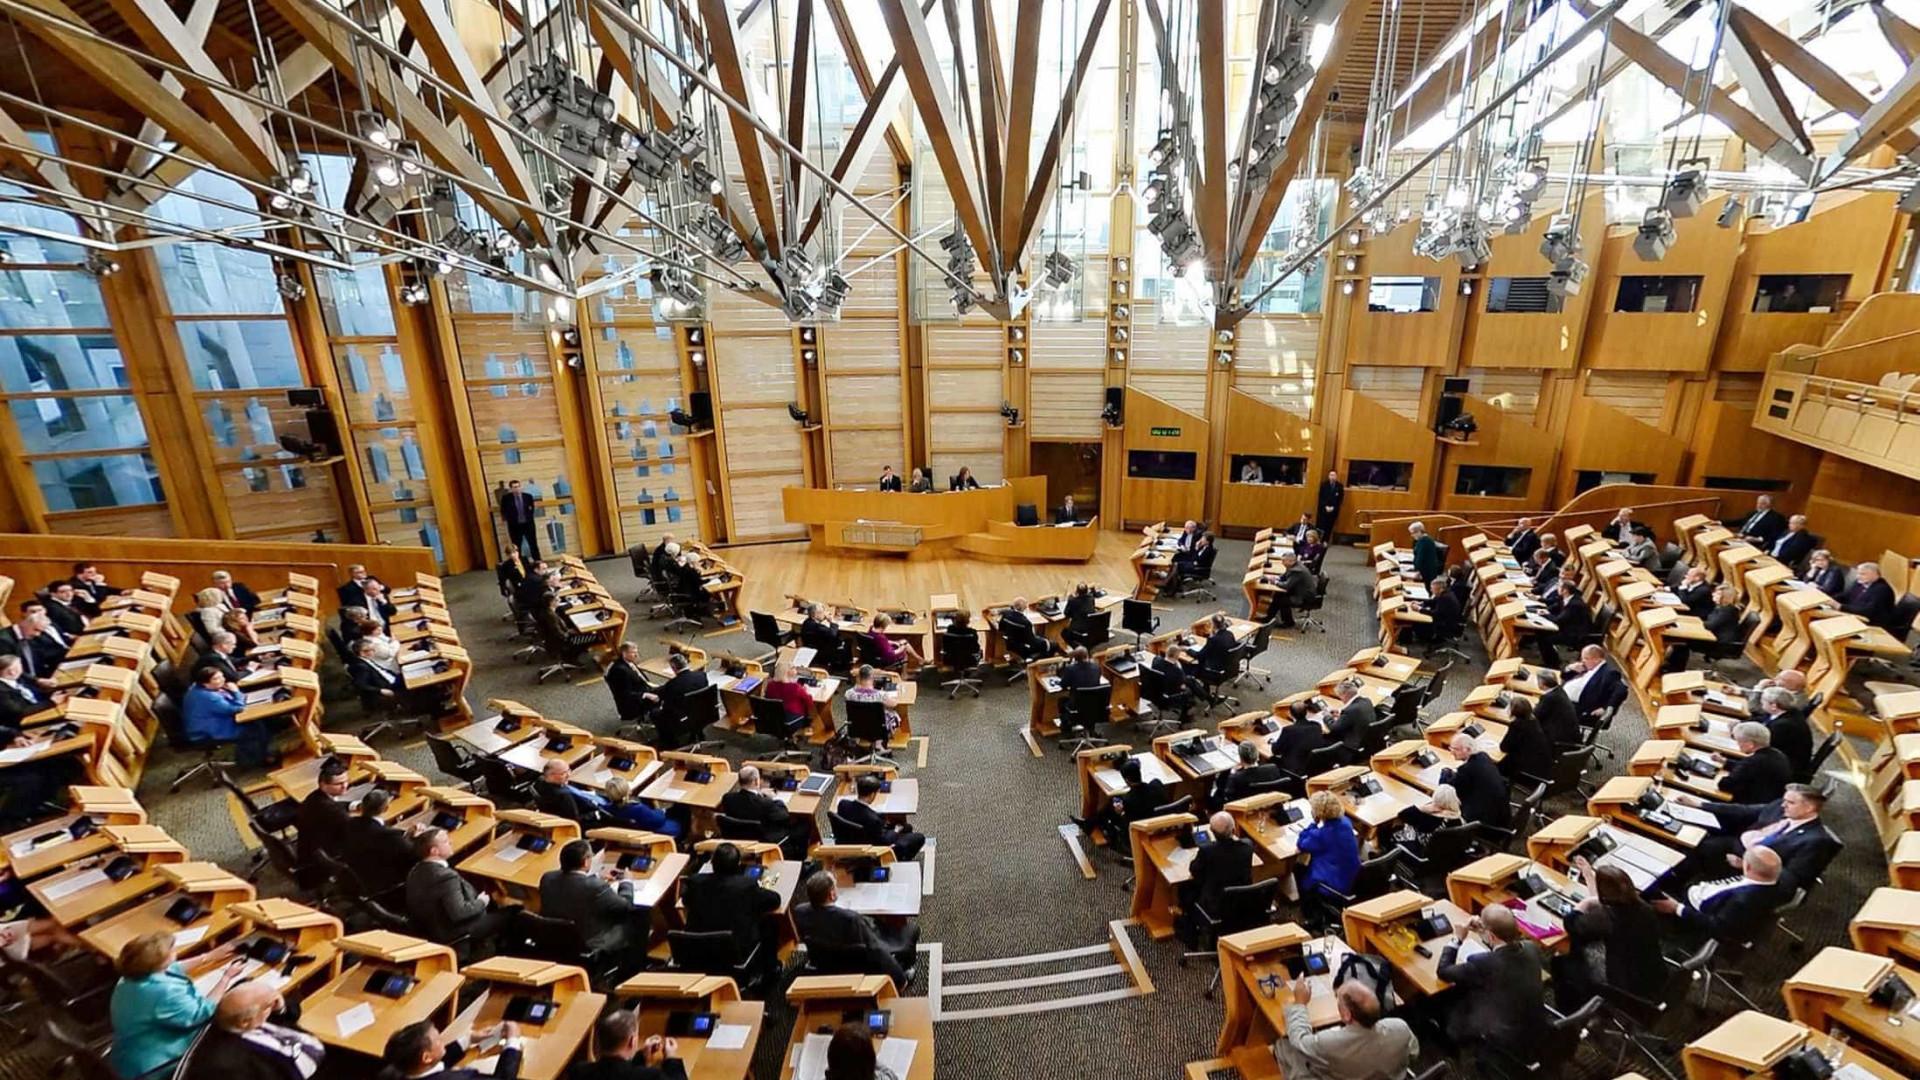 Parlamento escocês evacuado. Deputados receberam pacotes suspeitos